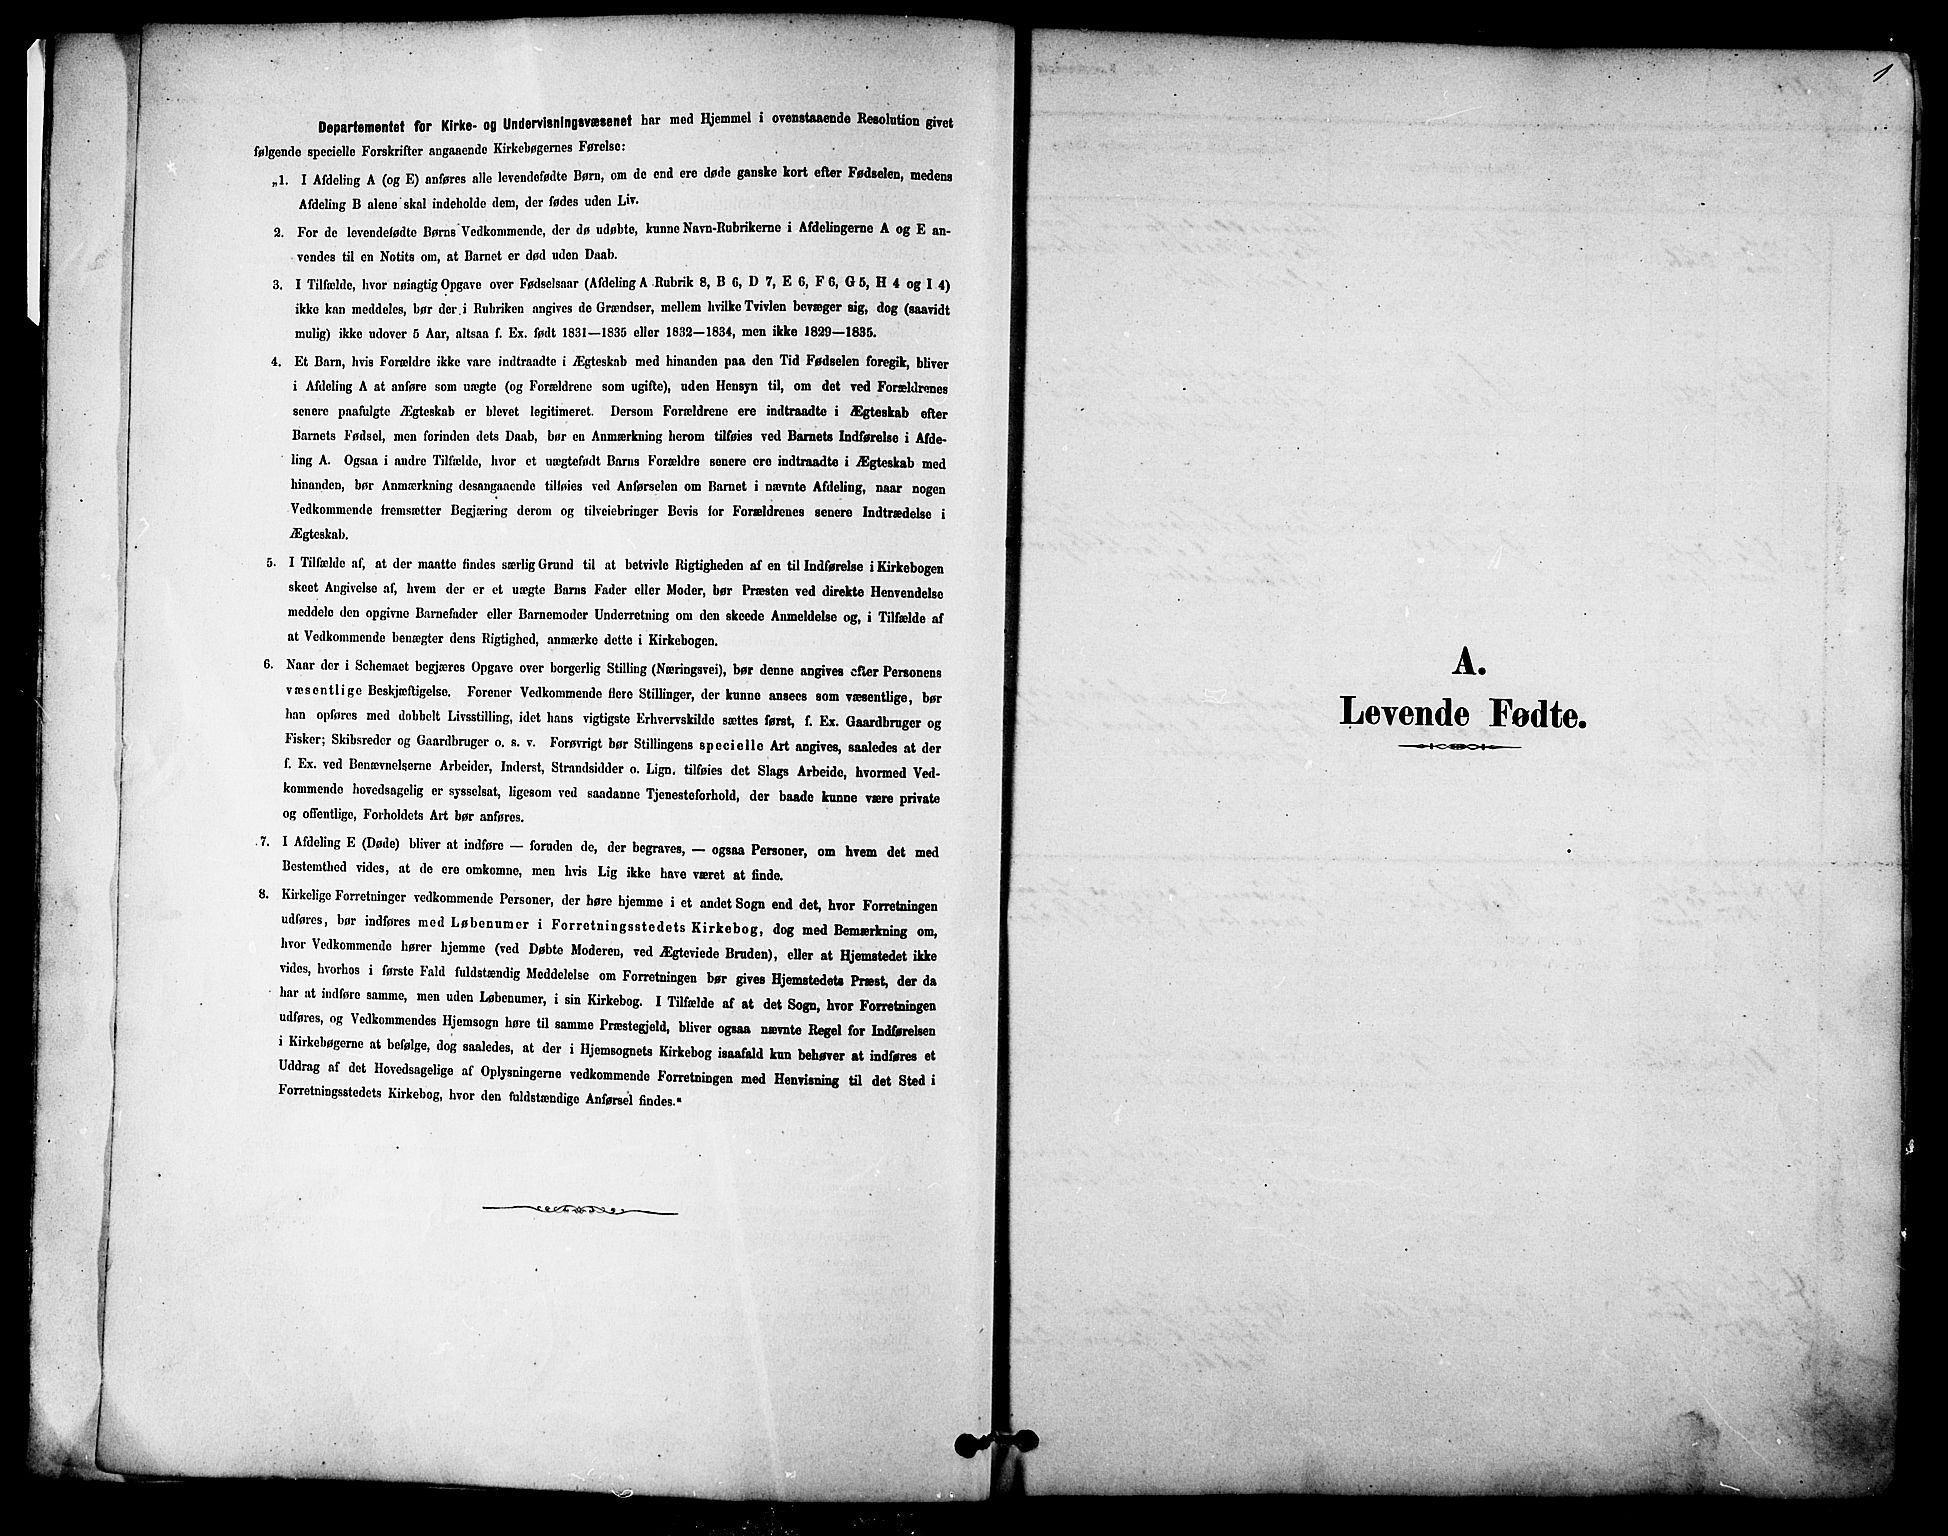 SAT, Ministerialprotokoller, klokkerbøker og fødselsregistre - Sør-Trøndelag, 616/L0410: Ministerialbok nr. 616A07, 1878-1893, s. 1